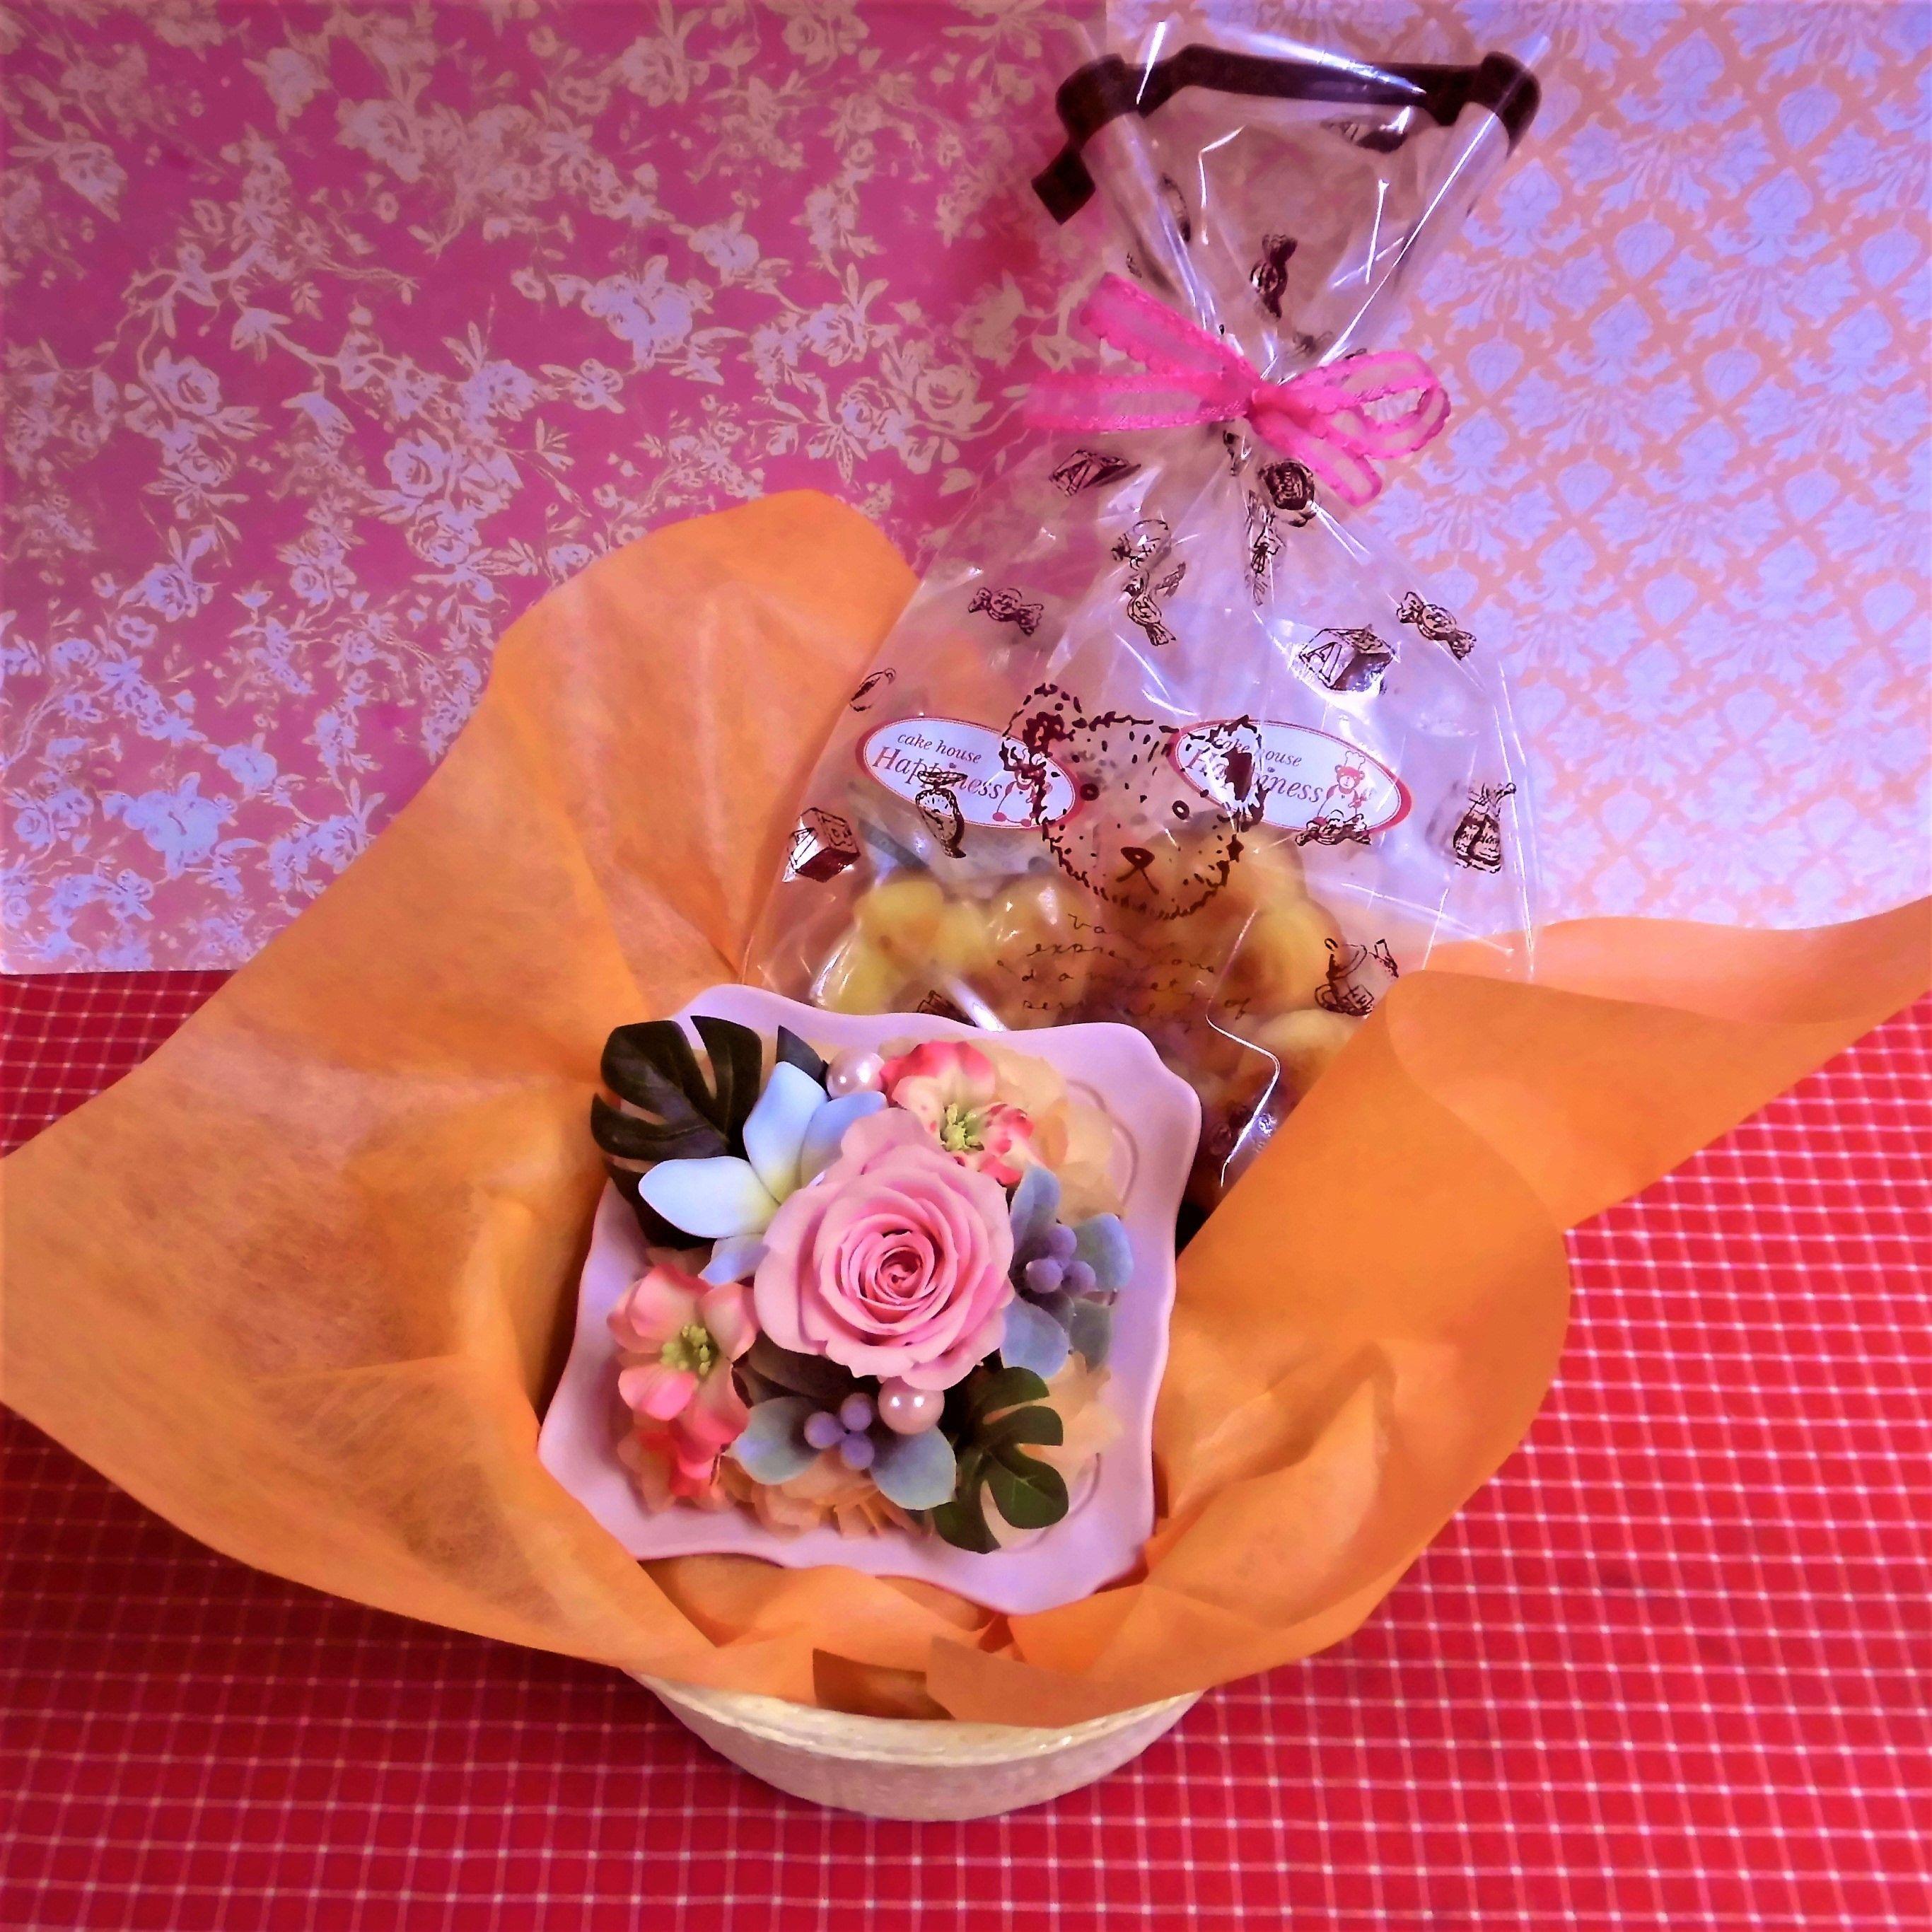 シャーベットカラーのフレームにアレンジした薔薇のプリザーブドフラワーと野菜や果物を使った焼き菓子2袋のセット♪